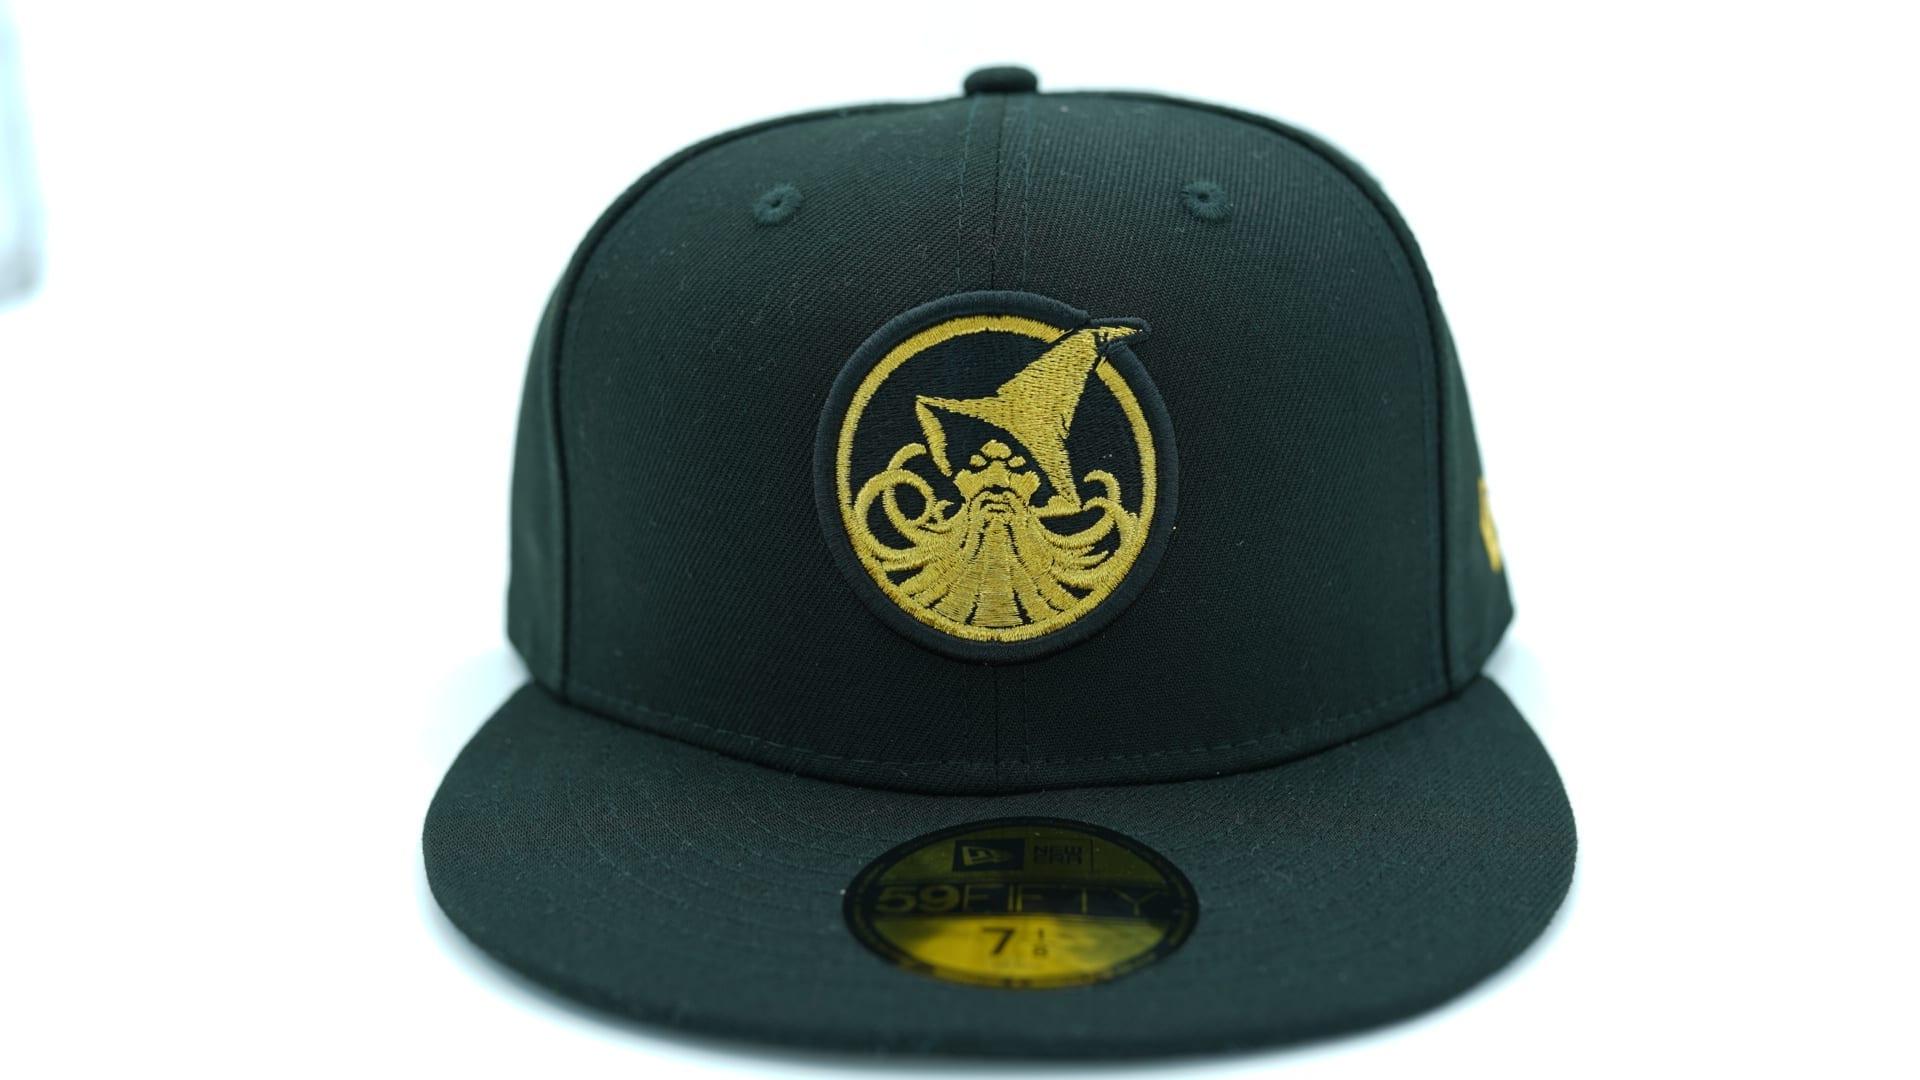 kansas city royals performer franchise fitted baseball cap 47 brand mlb